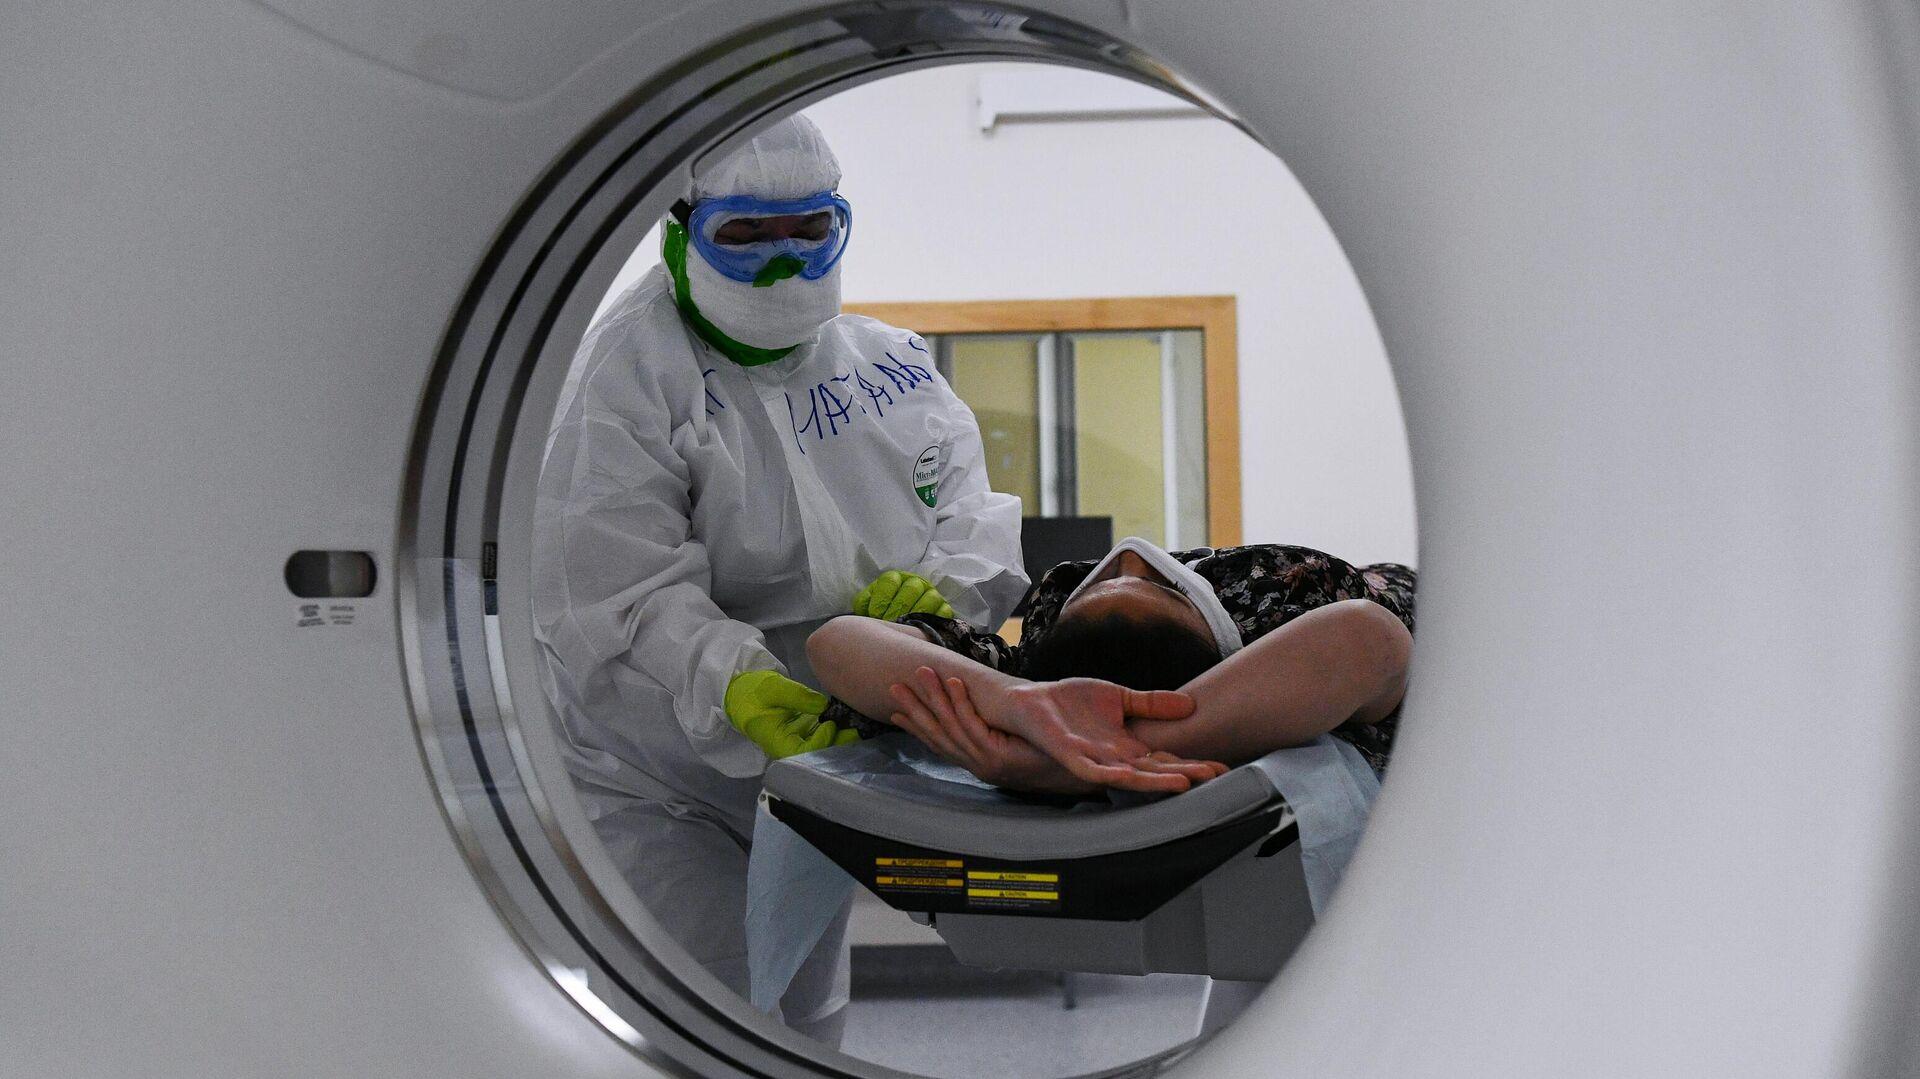 Медицинский работник готовит пациентку к проведению компьютерной томографии в   госпитале COVID-19 в Центре мозга и нейротехнологий ФМБА России - РИА Новости, 1920, 09.11.2020